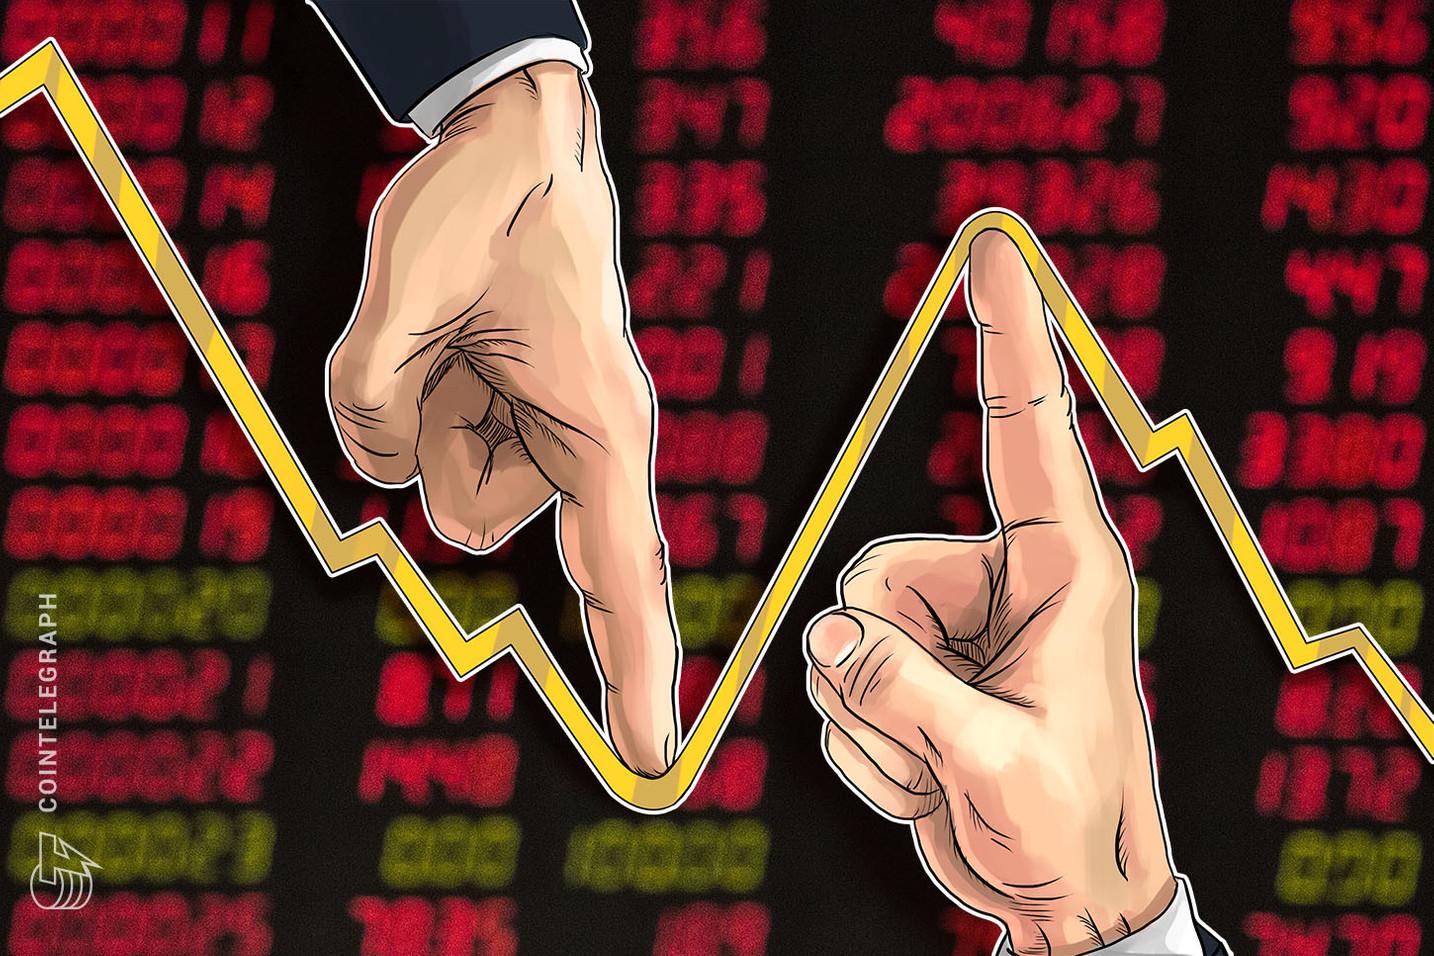 35 mln di dollari rimossi dal mercato, BTC testa i 10.000$ per poi fare marcia indietro